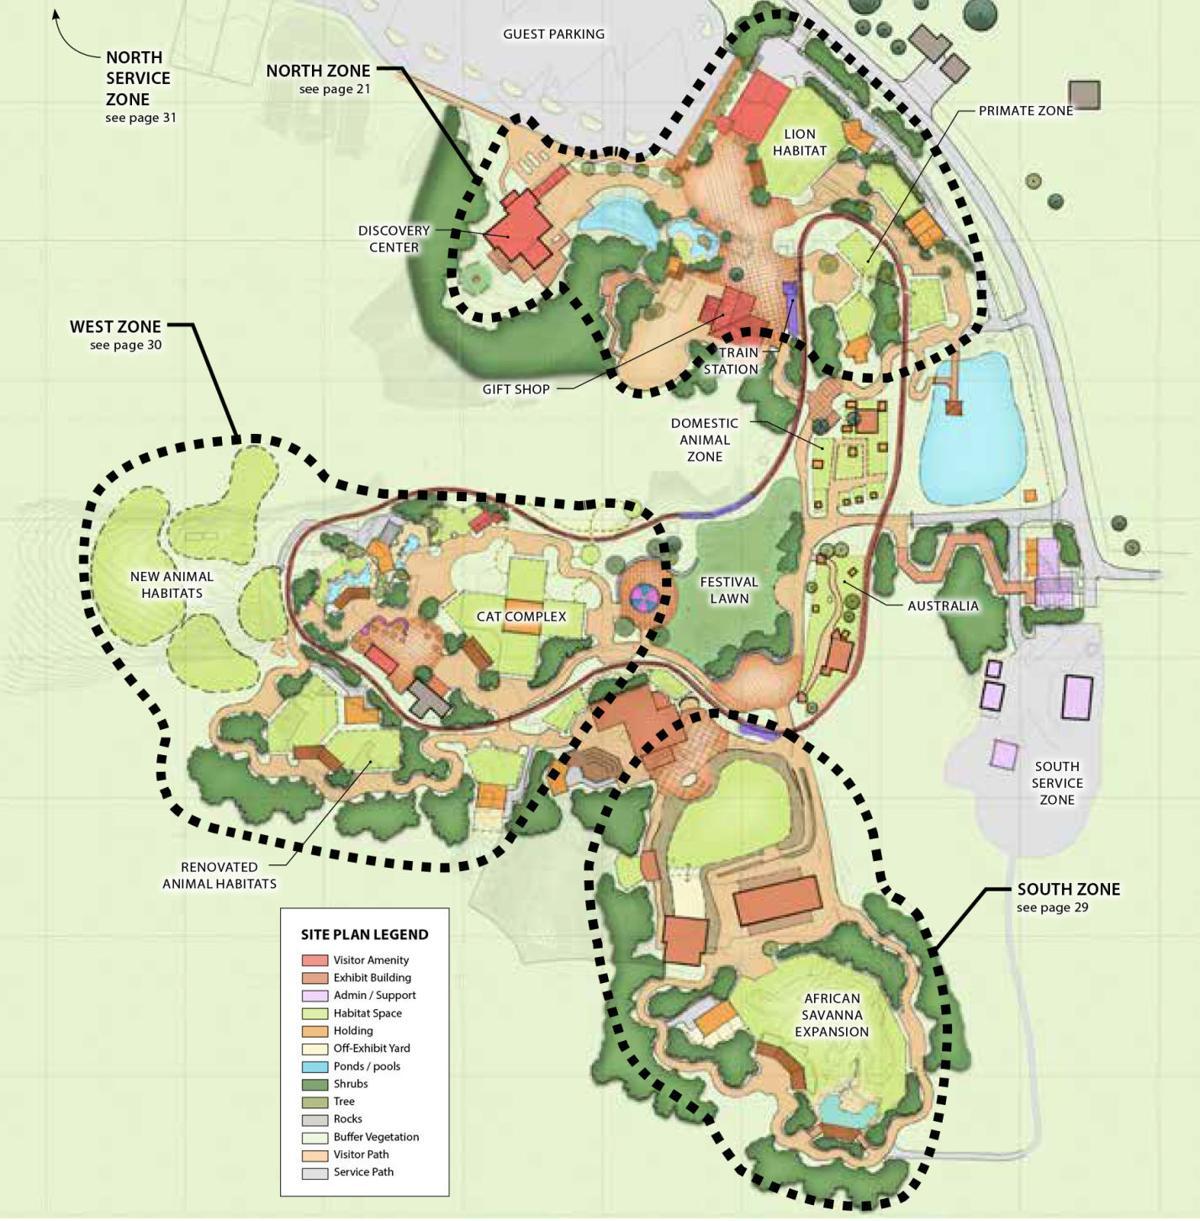 NiabiMasterPlan-map-1